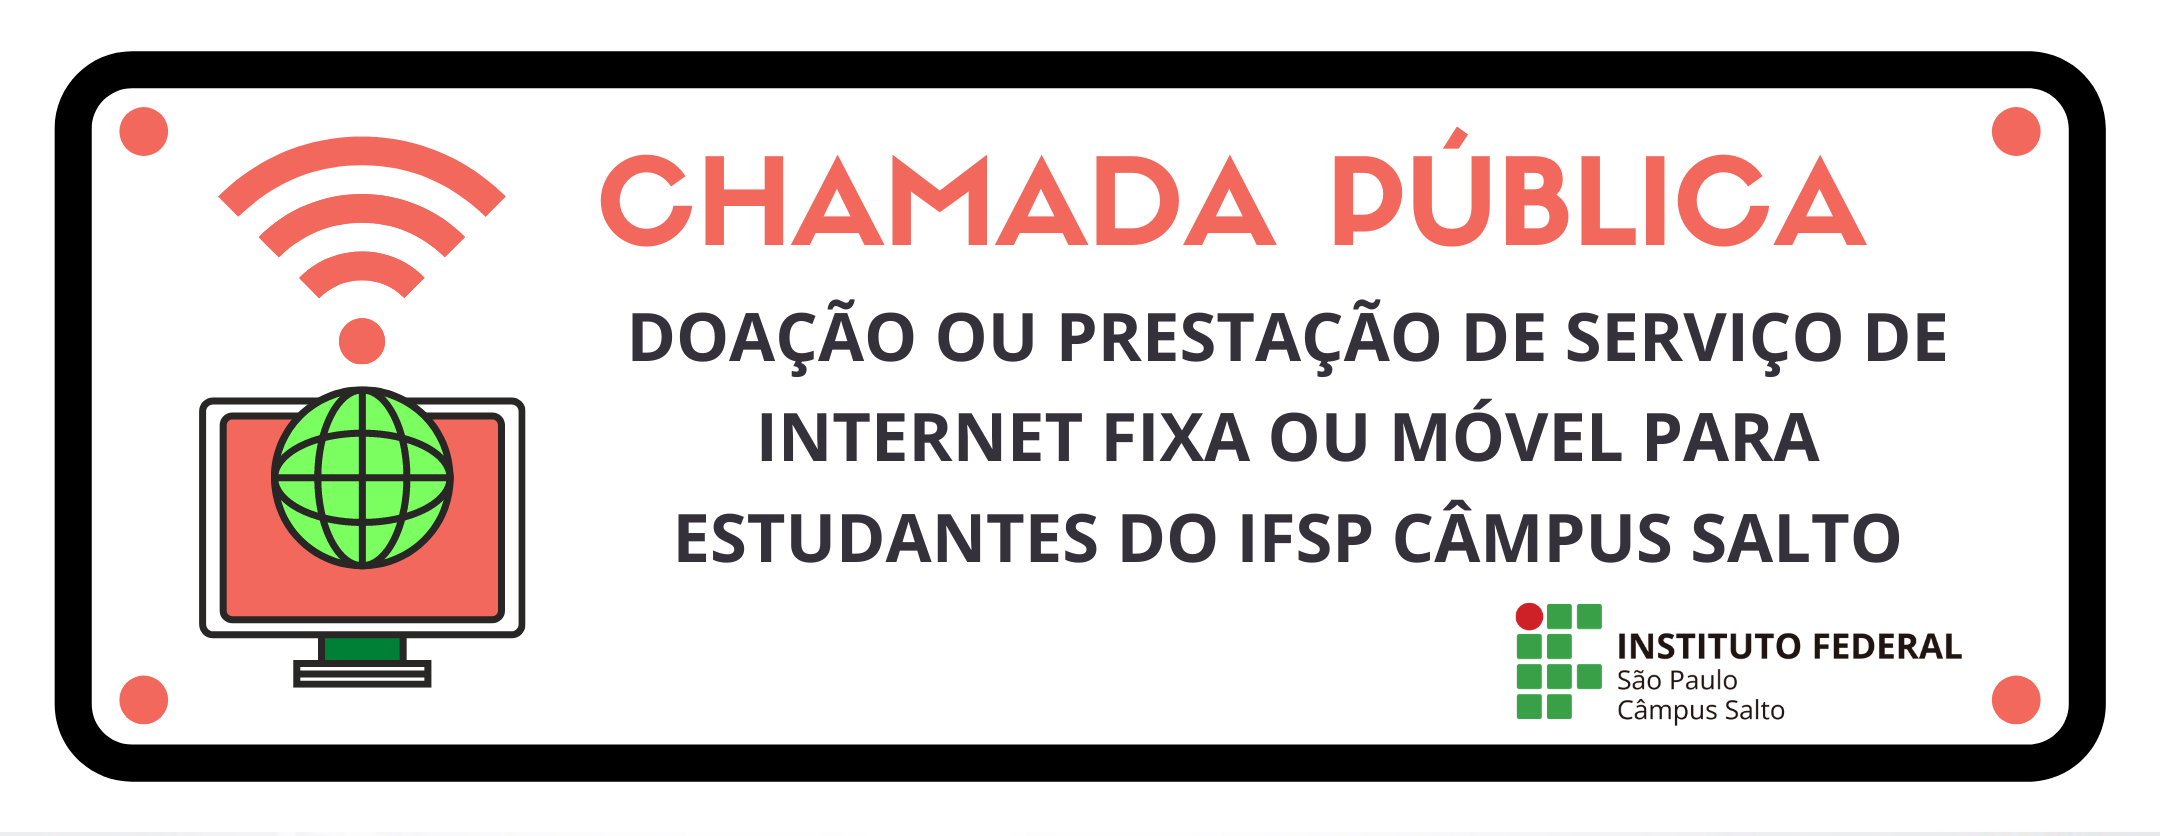 CHAMADA PÚBLICA DOAÇÃO OU PRESTAÇÃO DE SERVIÇO DE INTERNET FIXA OU MÓVEL PARA ESTUDANTES DO IFSP CÂMPUS SALTO